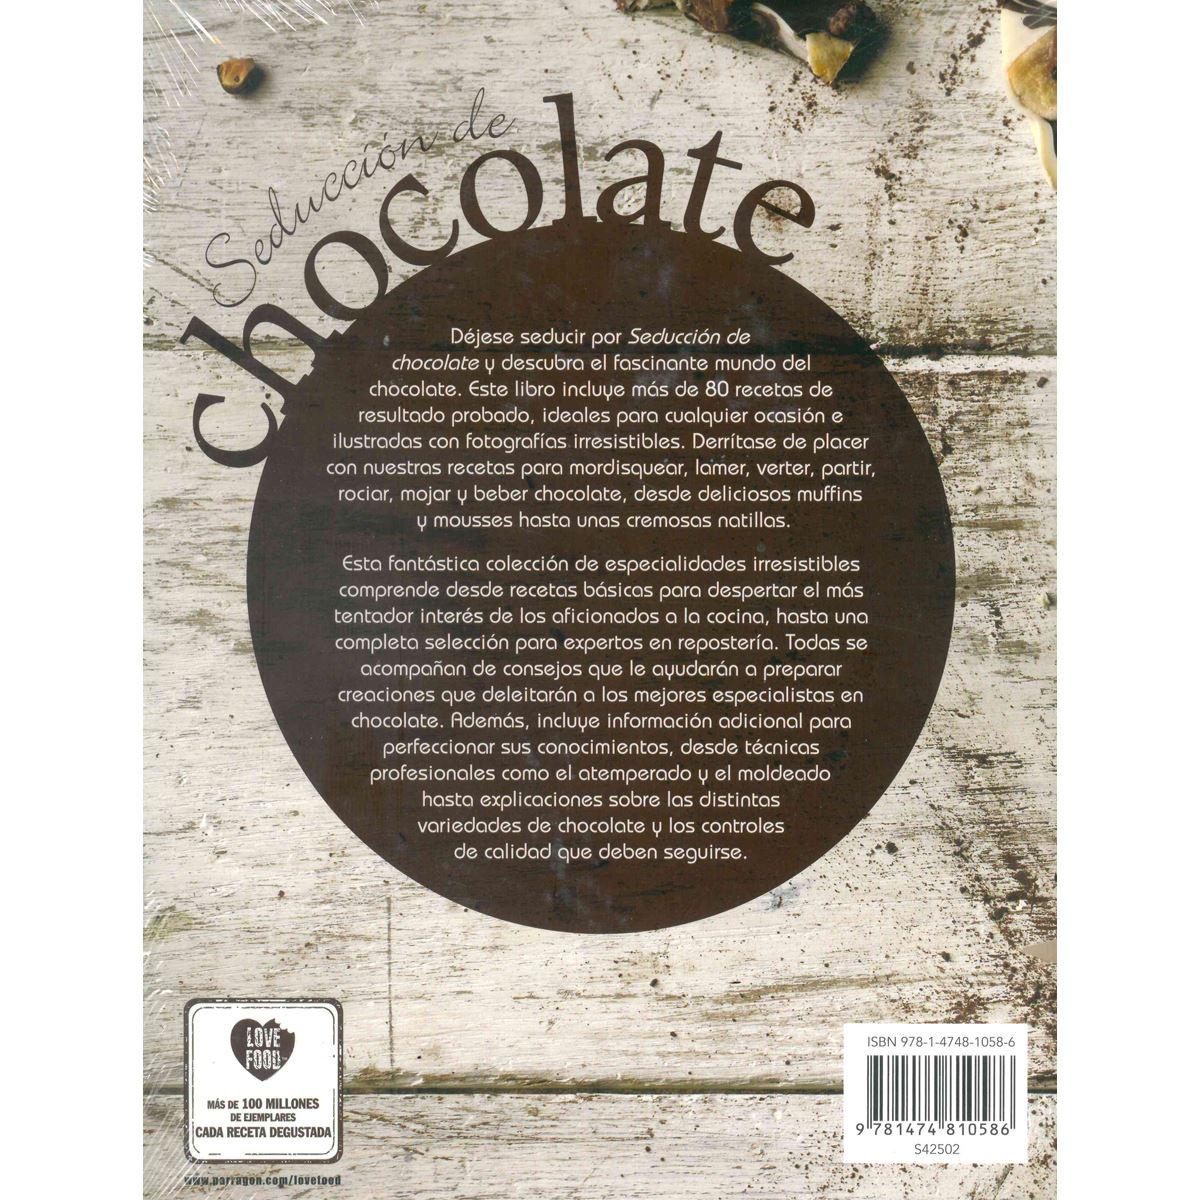 Seducción de Chocolate